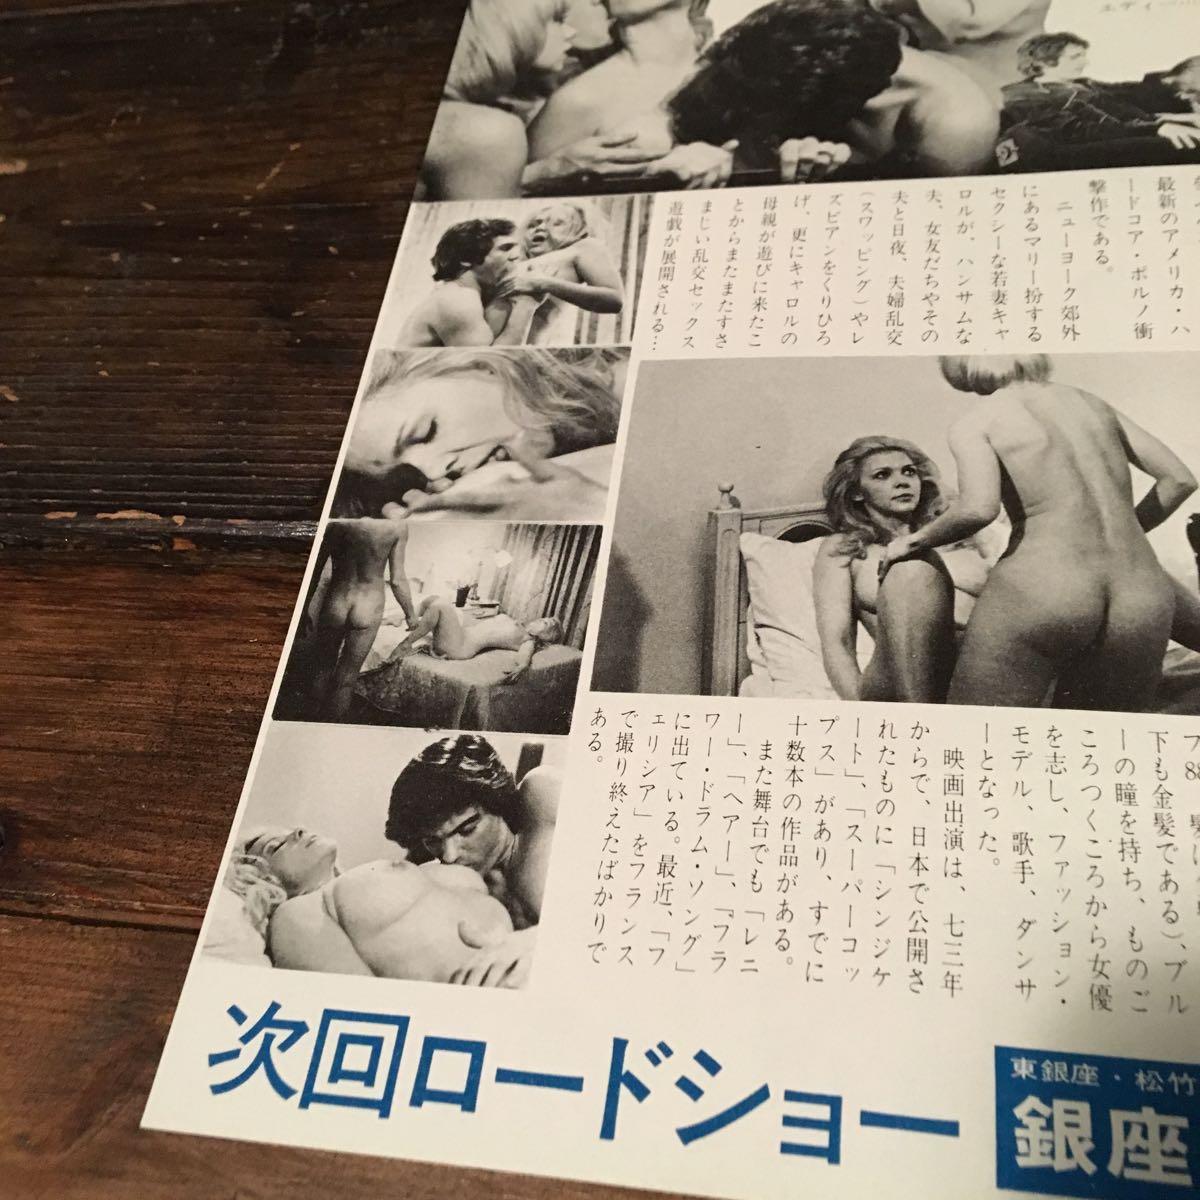 成人映画チラシ マリー・メンダム 若妻の欲情 美品_画像8